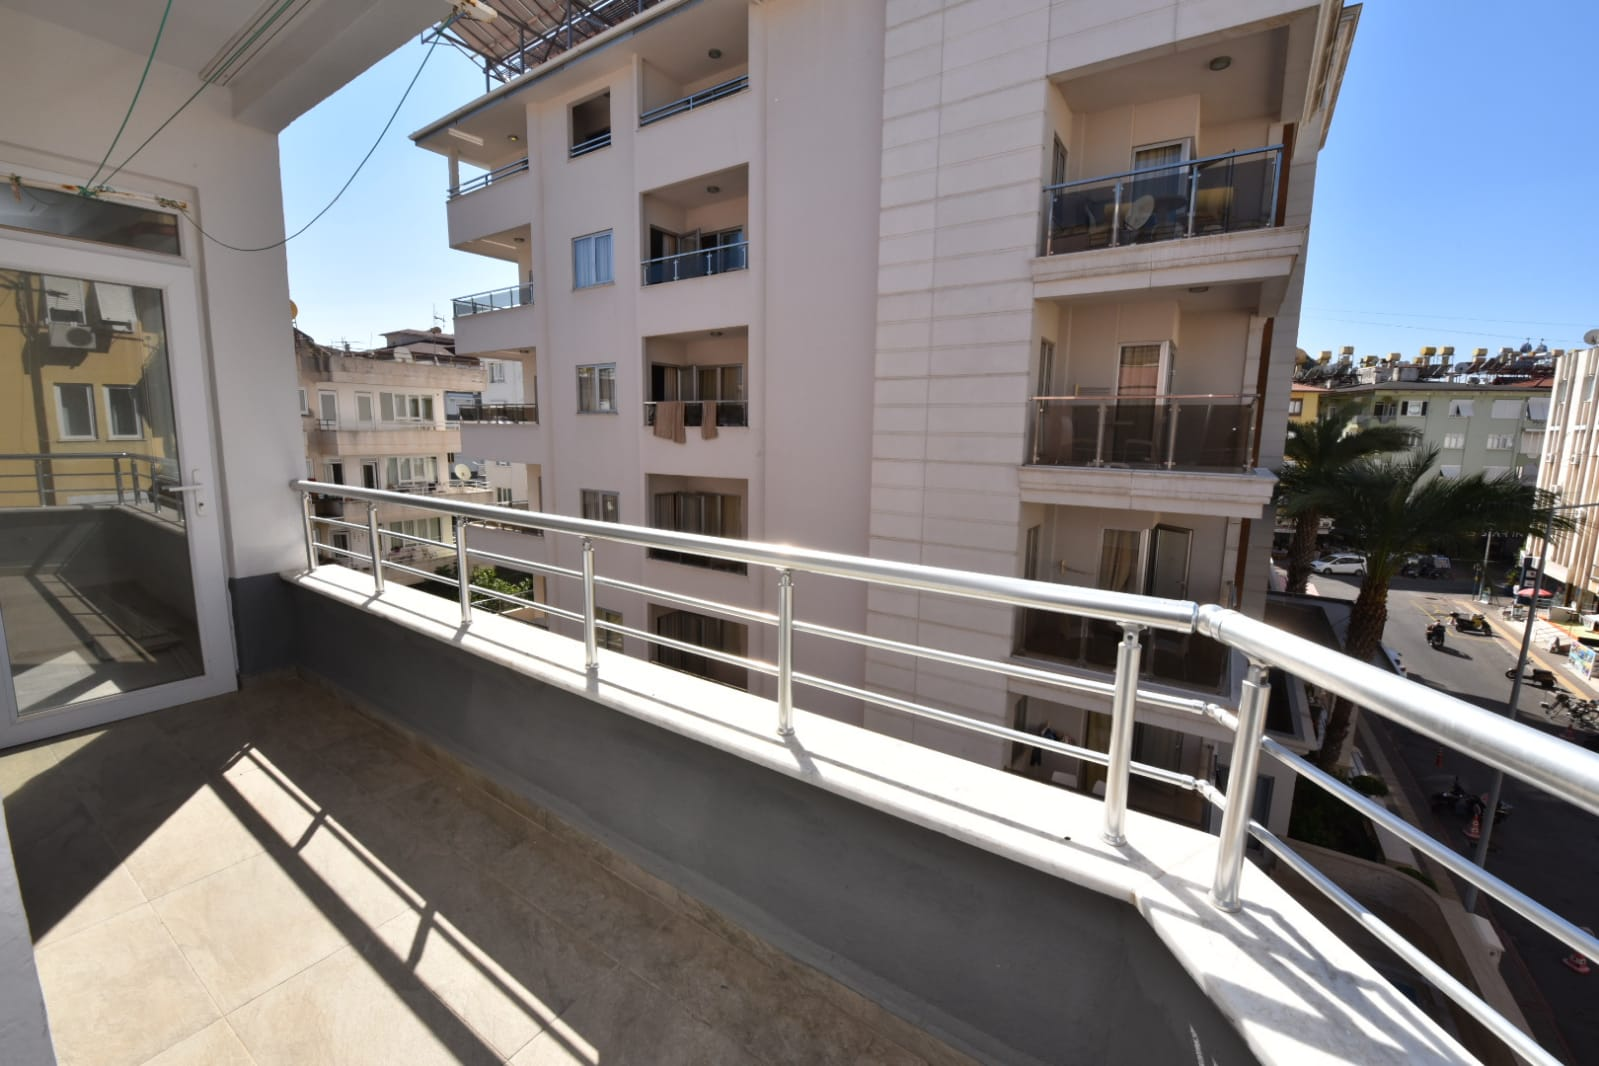 Трёхкомнатная квартира у пляжа Клеопатры по очень приятной цене - Фото 20